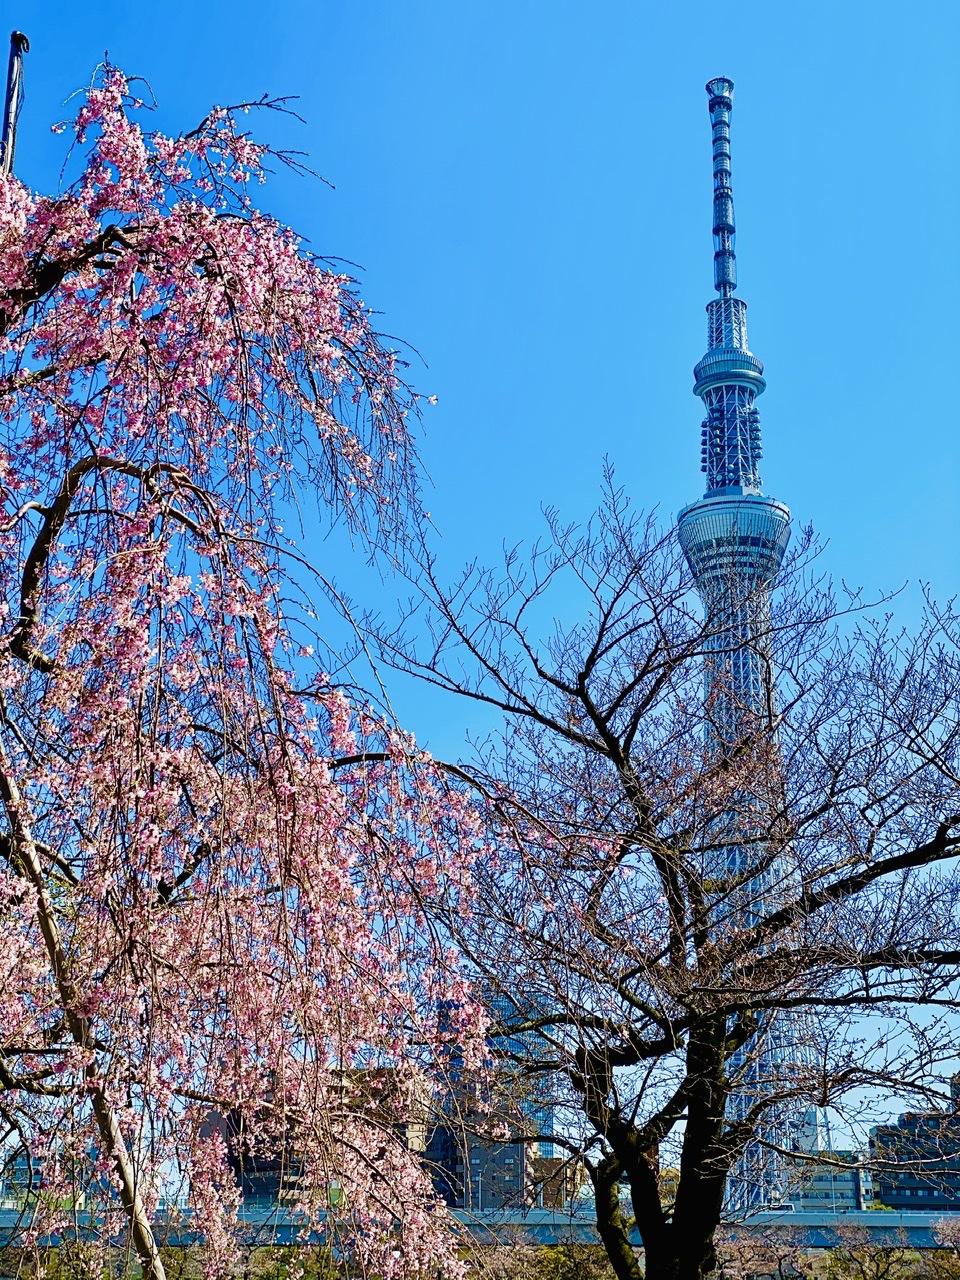 【隅田公園】お花見絶景スポット発見!《桜×東京スカイツリー》のコラボが映え度抜群♡_5